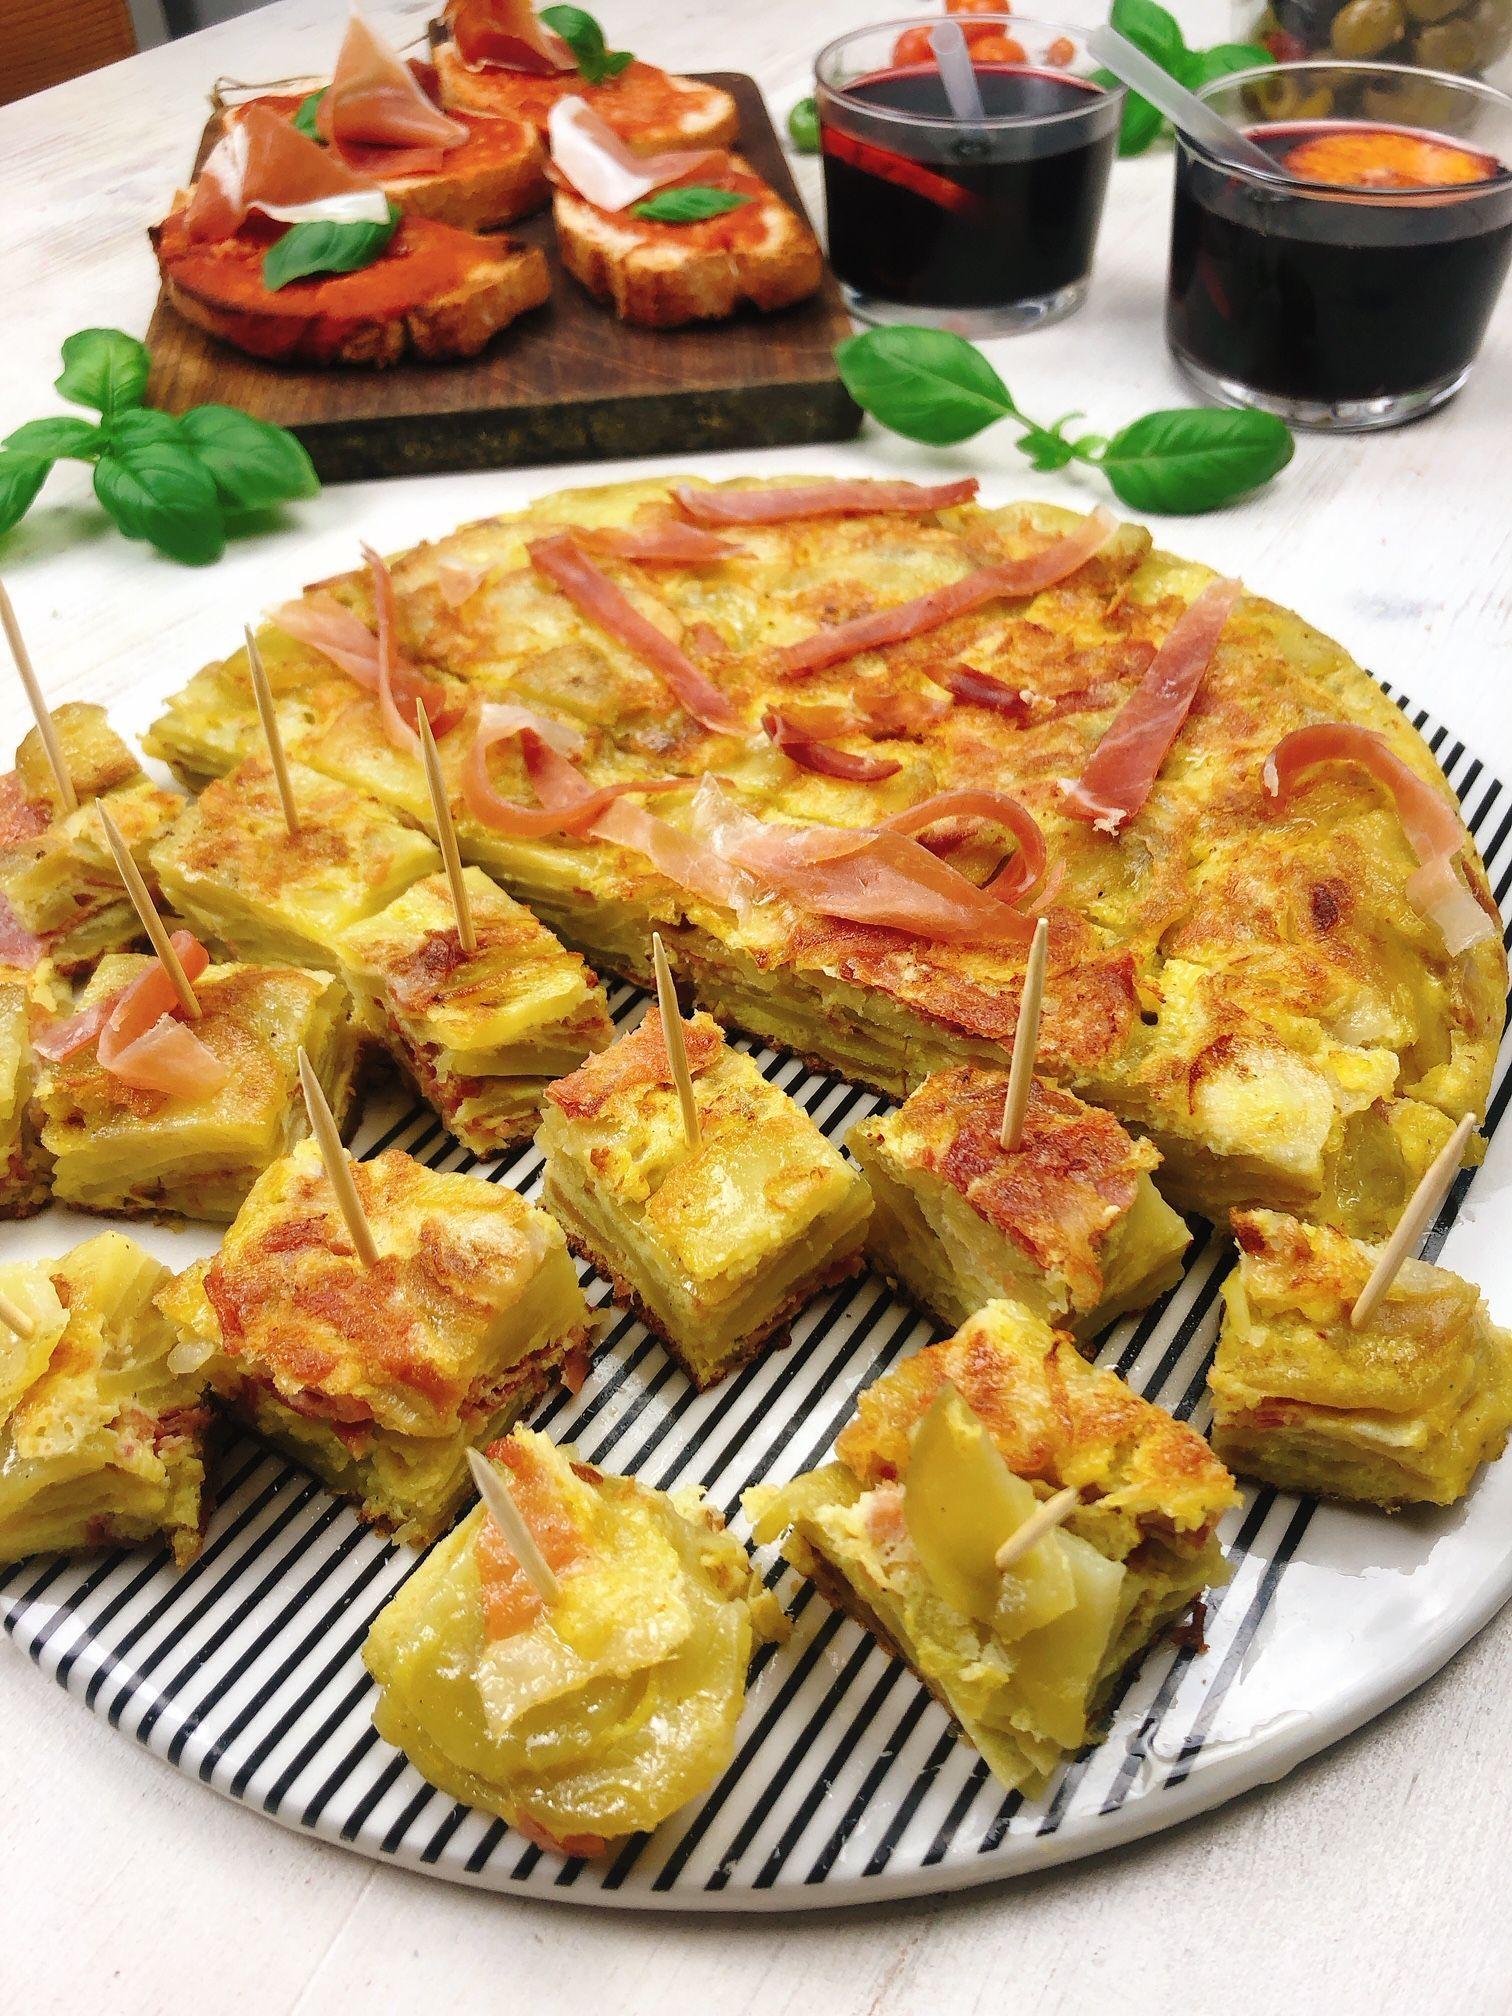 Tortilla Espagnole Au Jambon Consorcio Serrano Au Consorcio Espagnole Jambon En 2020 Tortilla Espagnole Recette Tortilla Espagnole Recettes De Cuisine Espagnole